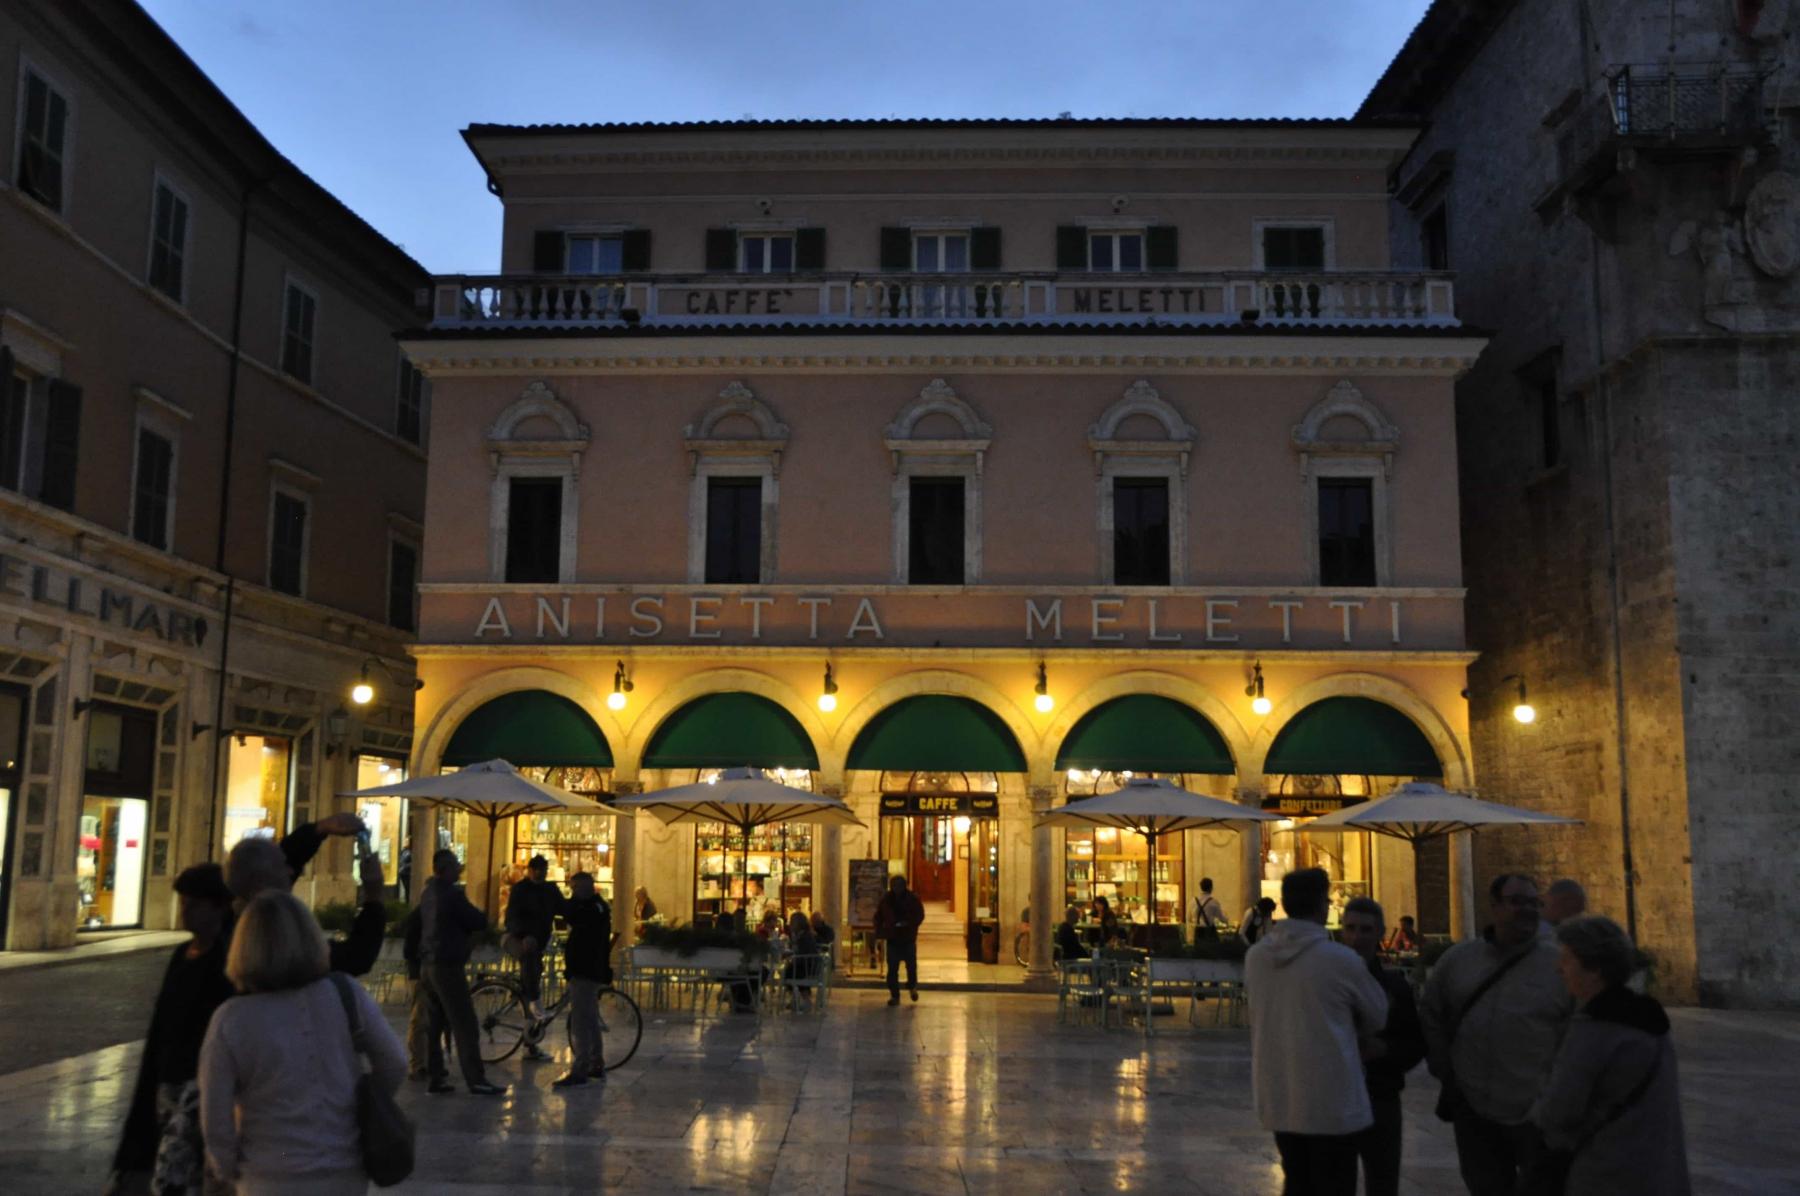 Cafe Meletti - Ascoli Piceno